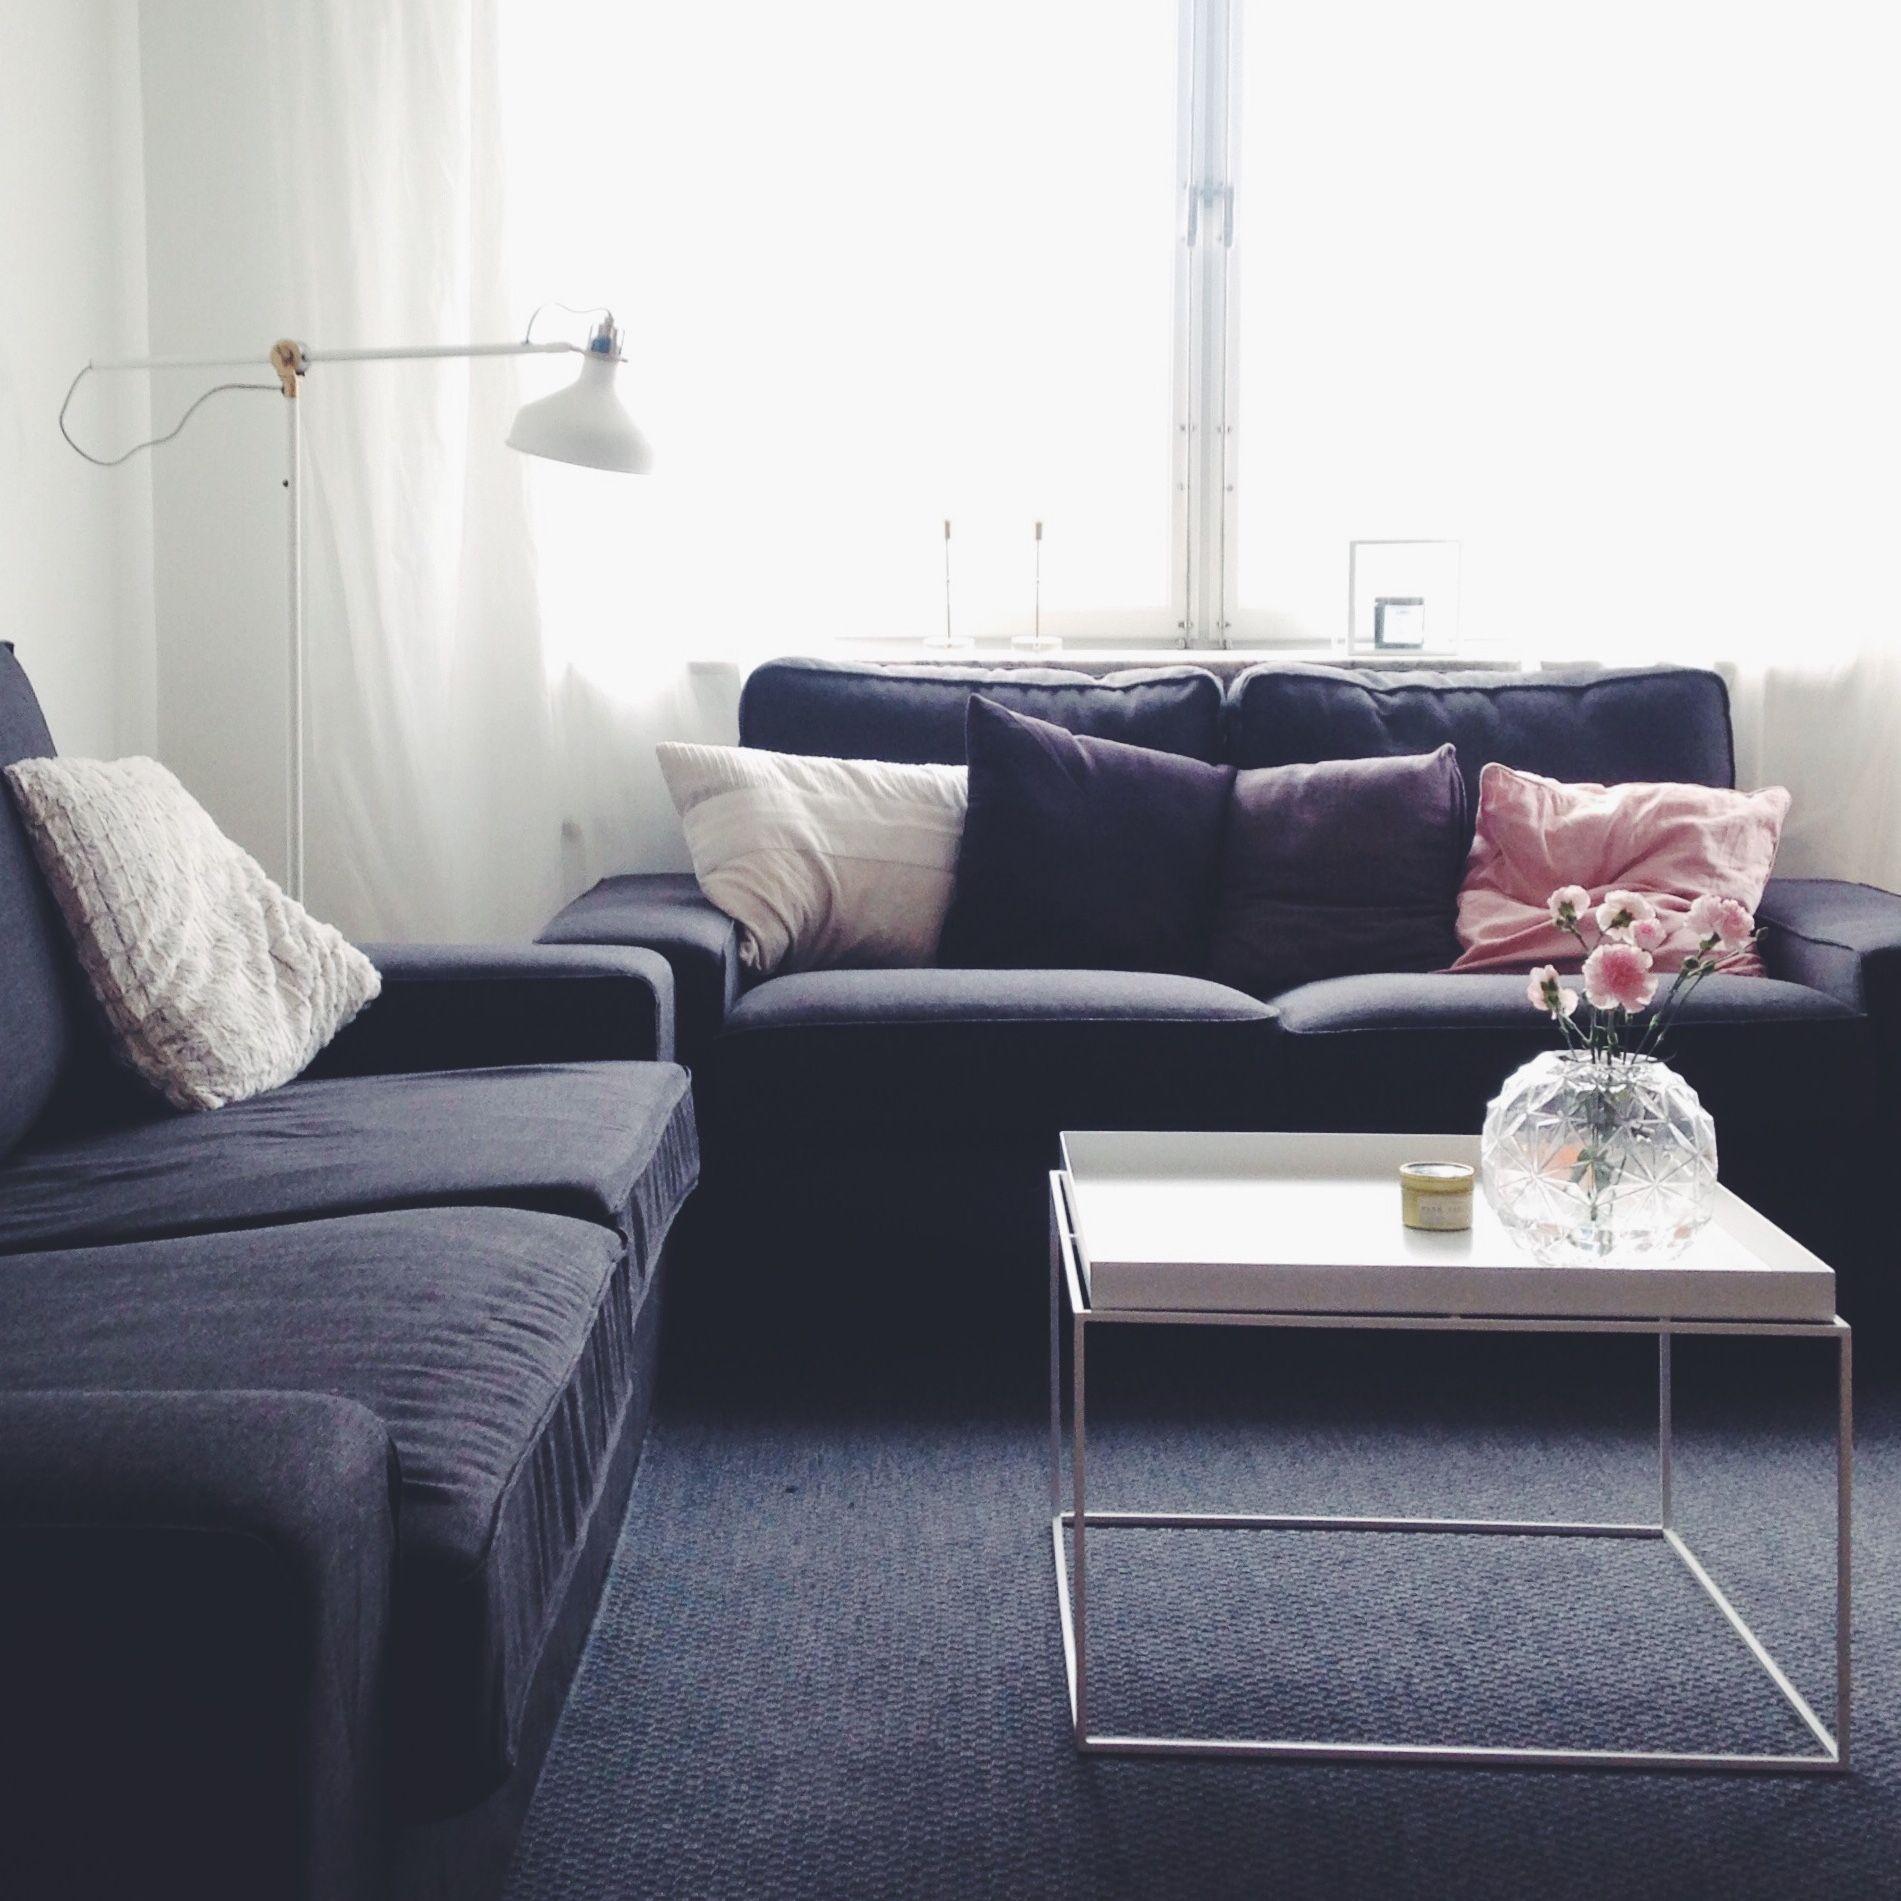 Hay tray table Ikea Kivik sofa Ranarp lamp